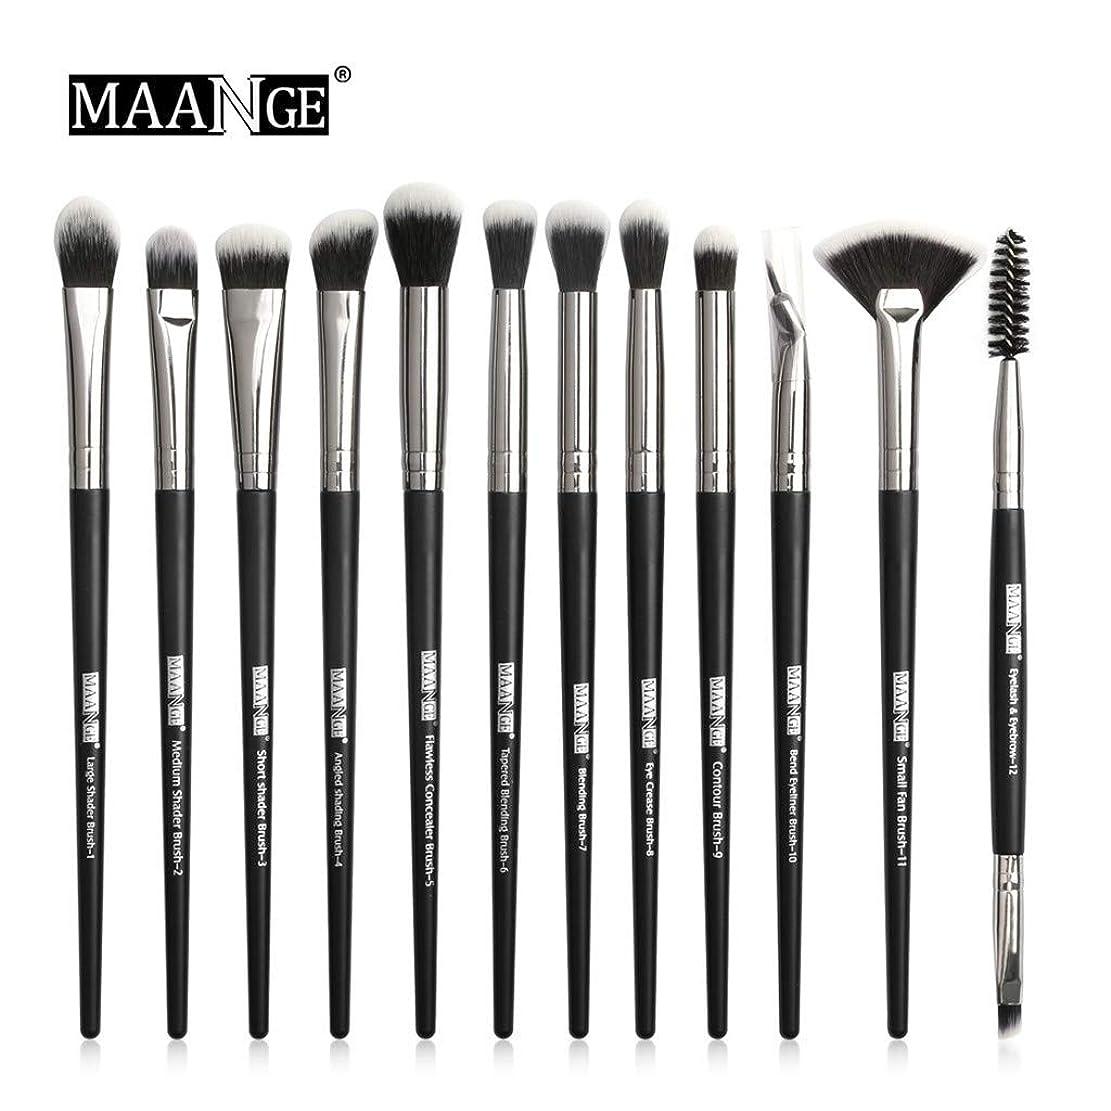 太い真実に慈善Akane 12本 MAANGE 気質的 高級 上等 綺麗 柔らかい 多機能 美感 アイメイク 魅力的 おしゃれ たっぷり 激安 セット 日常 仕事 Makeup Brush メイクアップブラシ